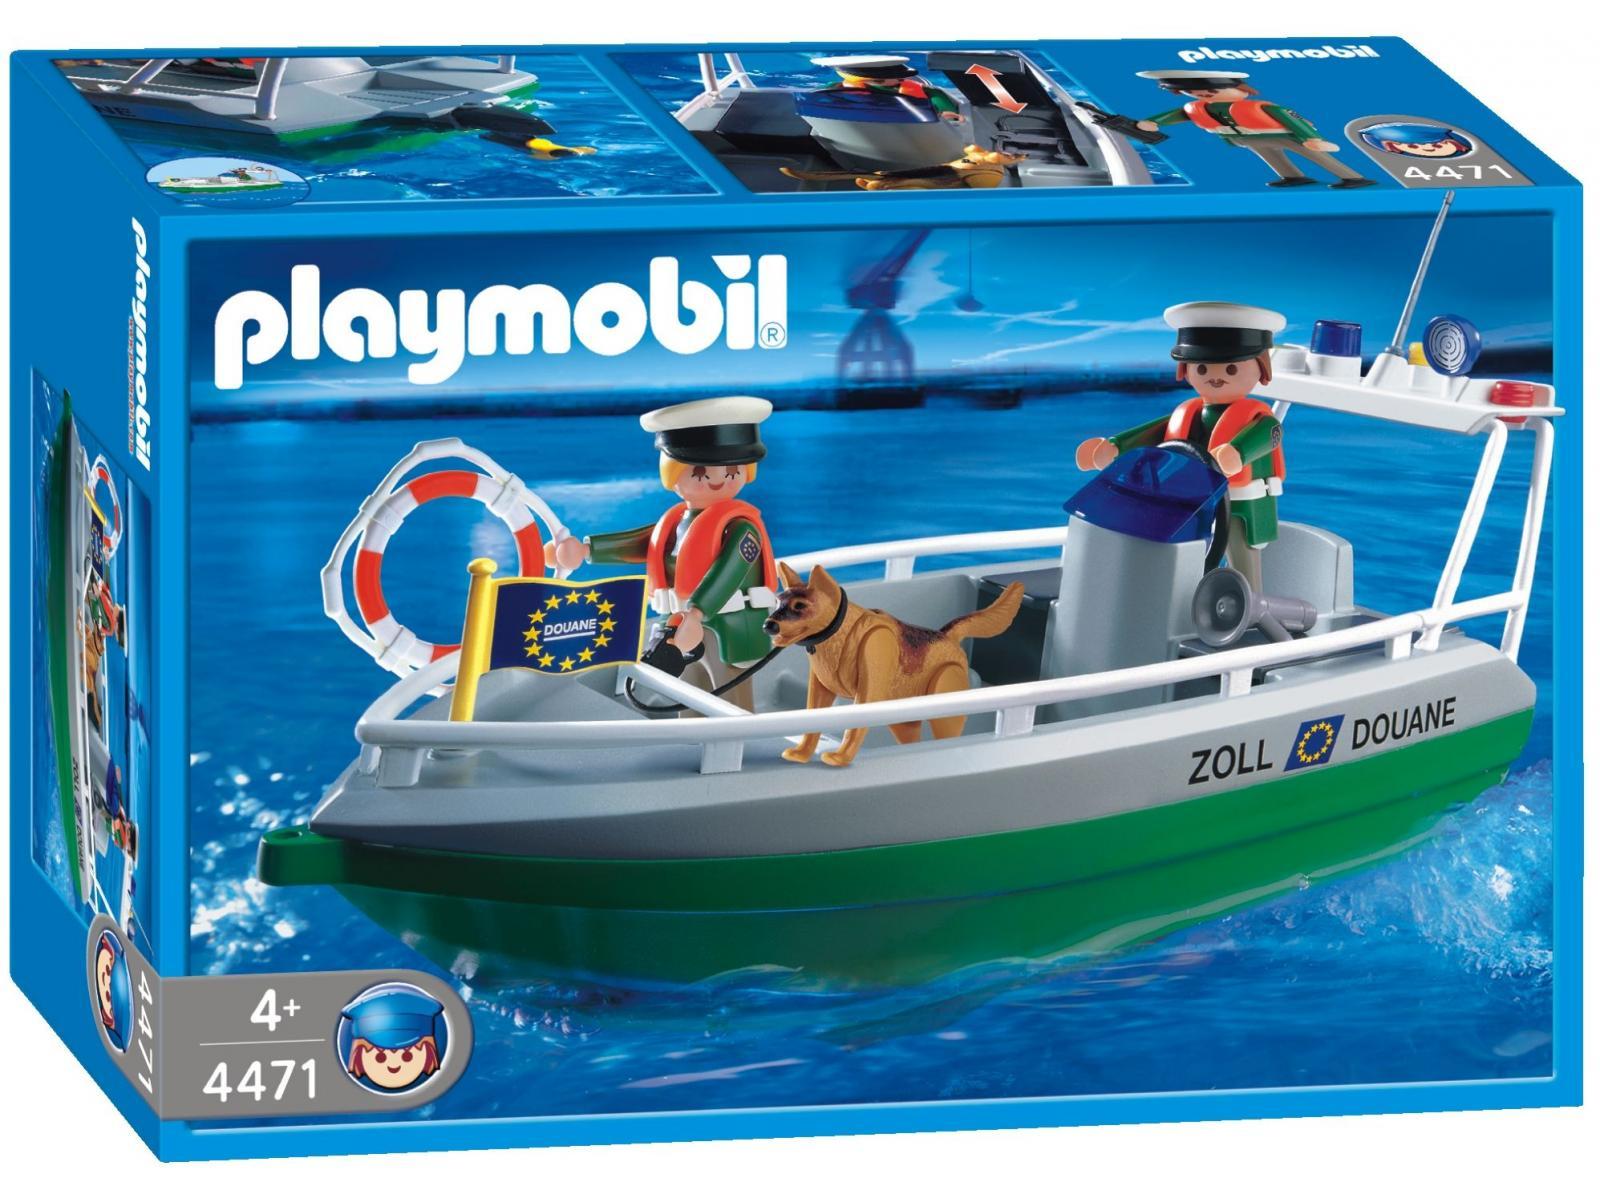 Playmobil Douane Politie met boot - 4471